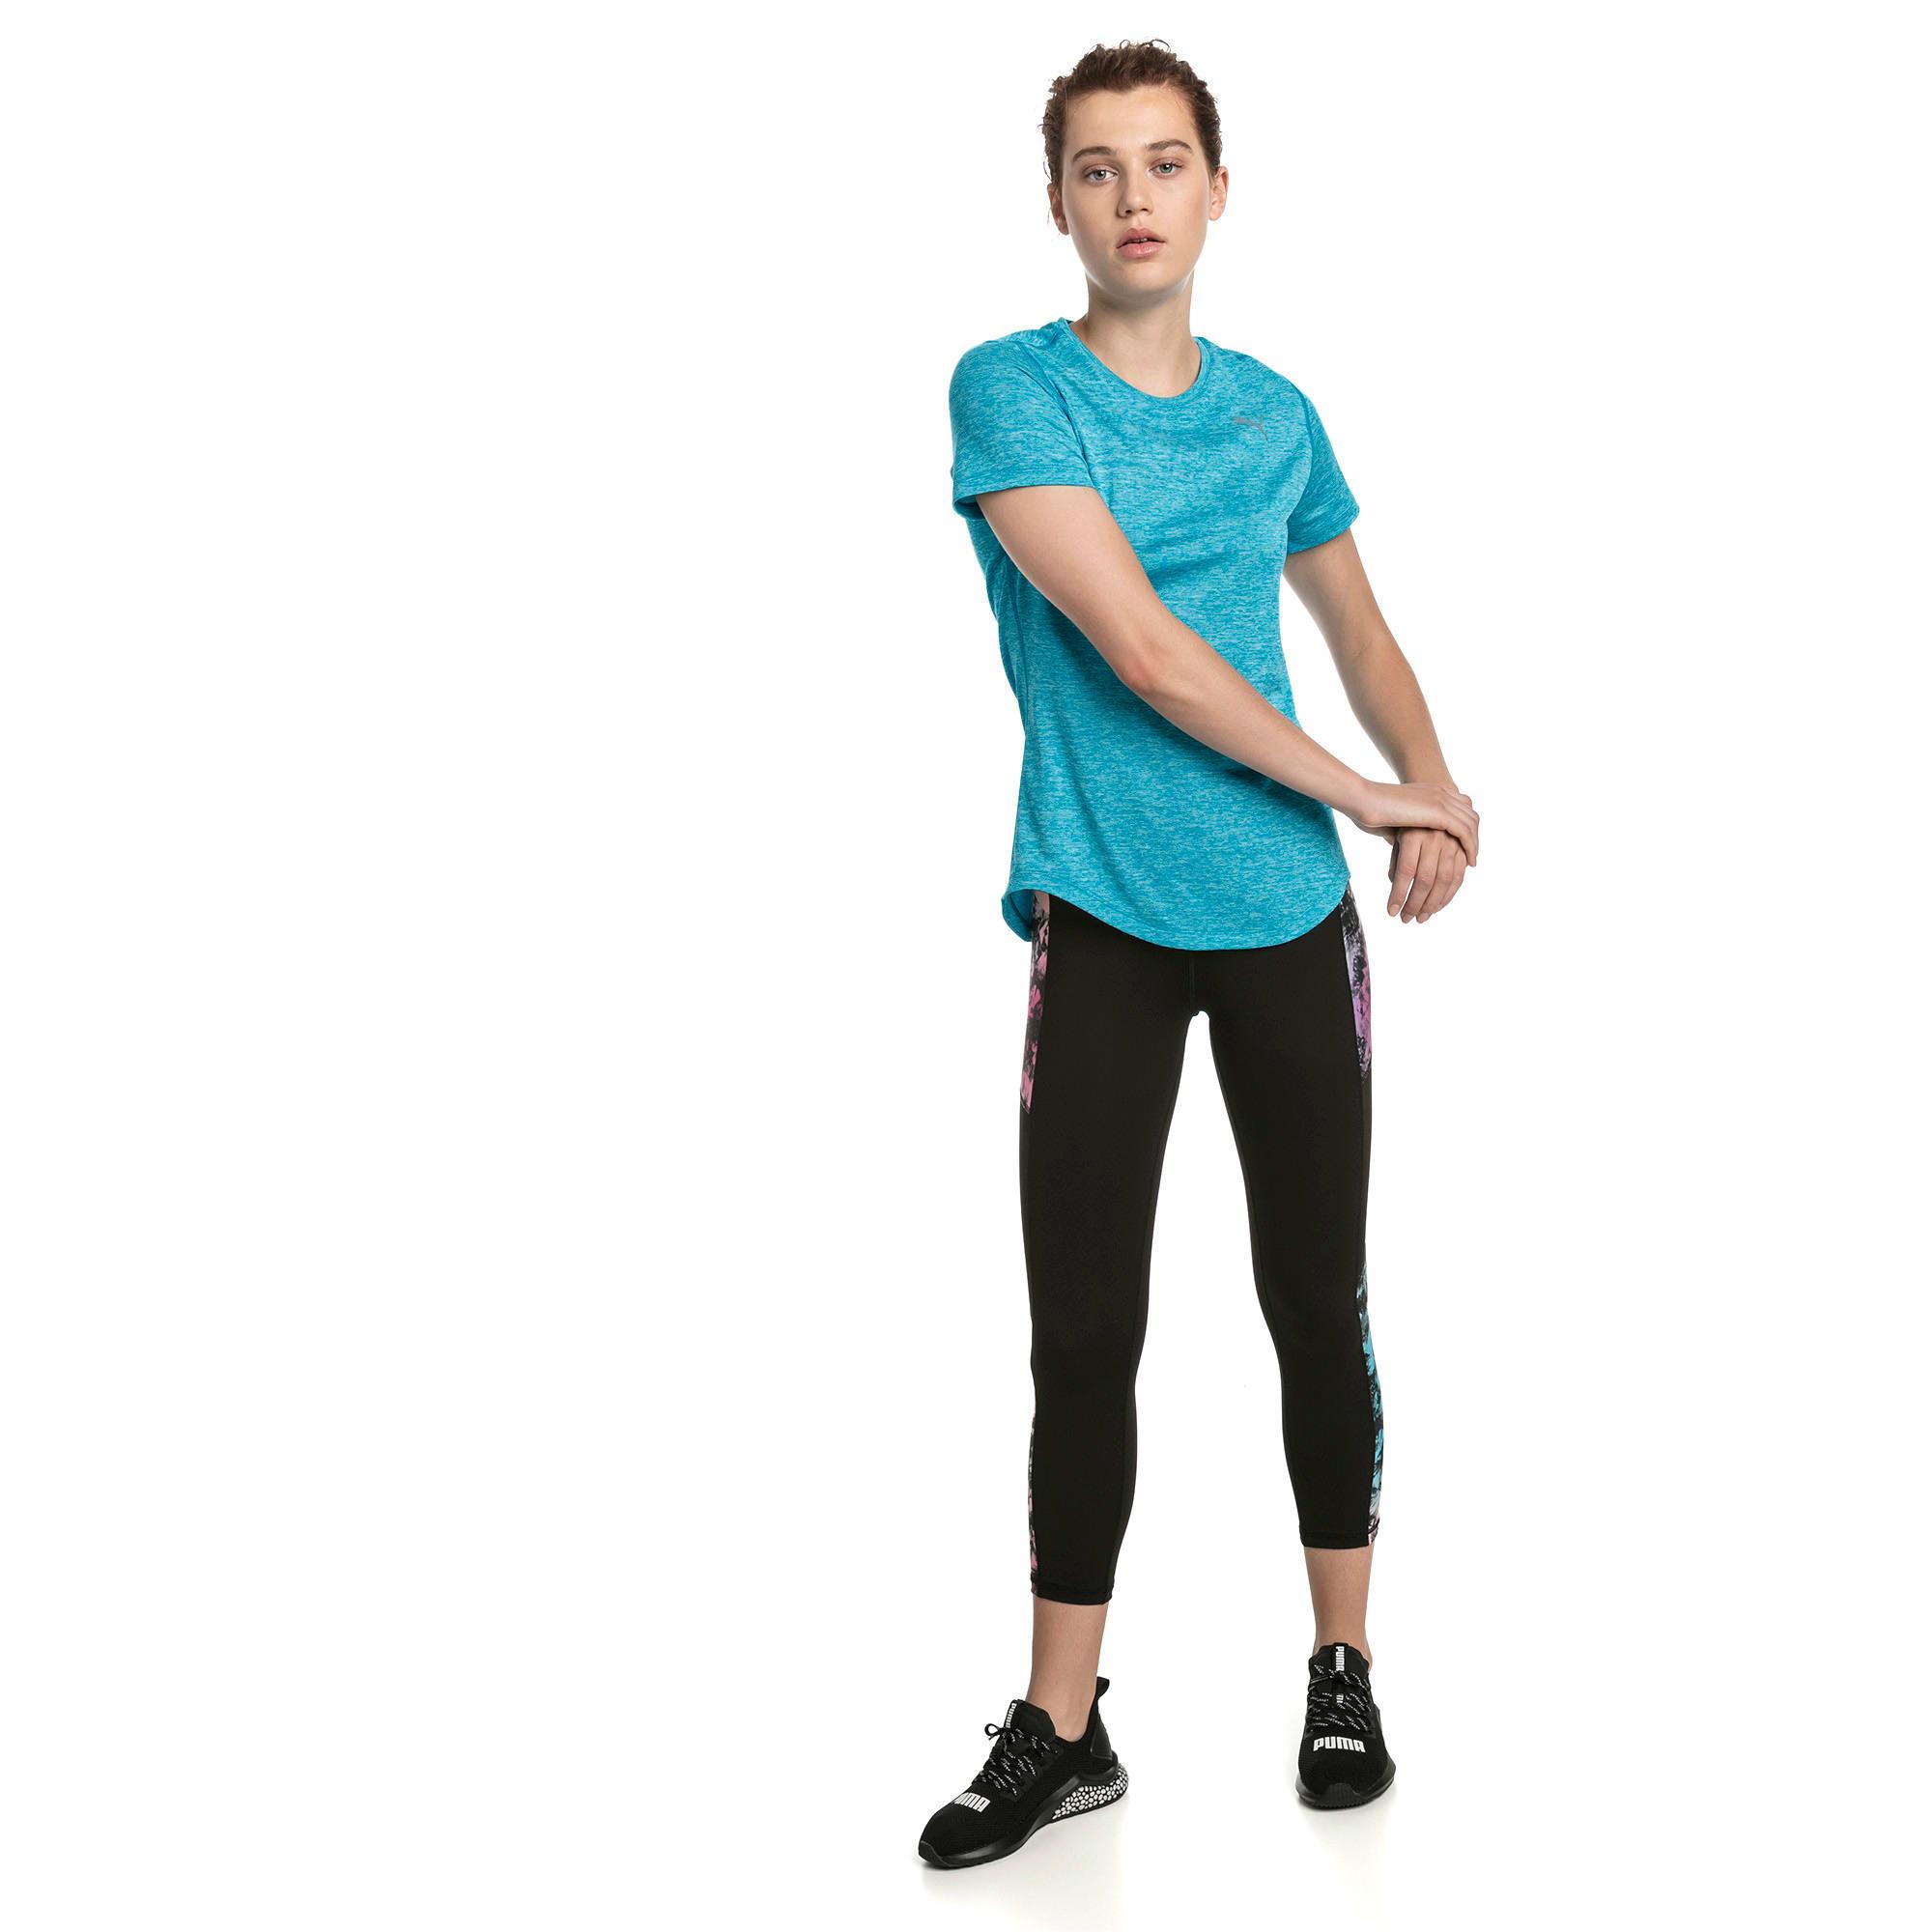 Thumbnail 3 of Epic Heather Short Sleeve Women's Running Tee, Caribbean Sea Heather, medium-IND